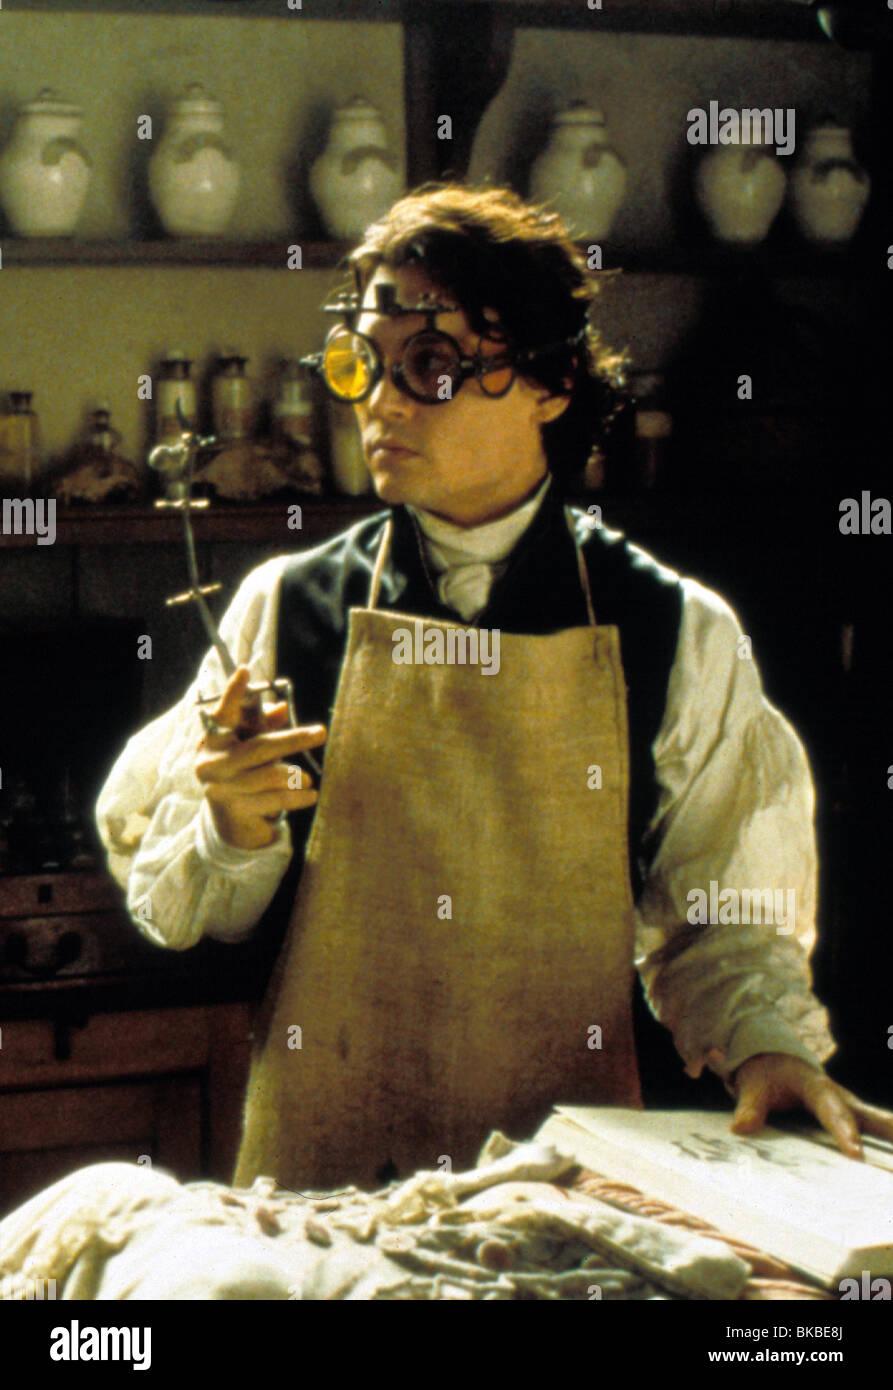 SLEEPY HOLLOW (1999) JOHNNY DEPP SLHO 114 - Stock Image